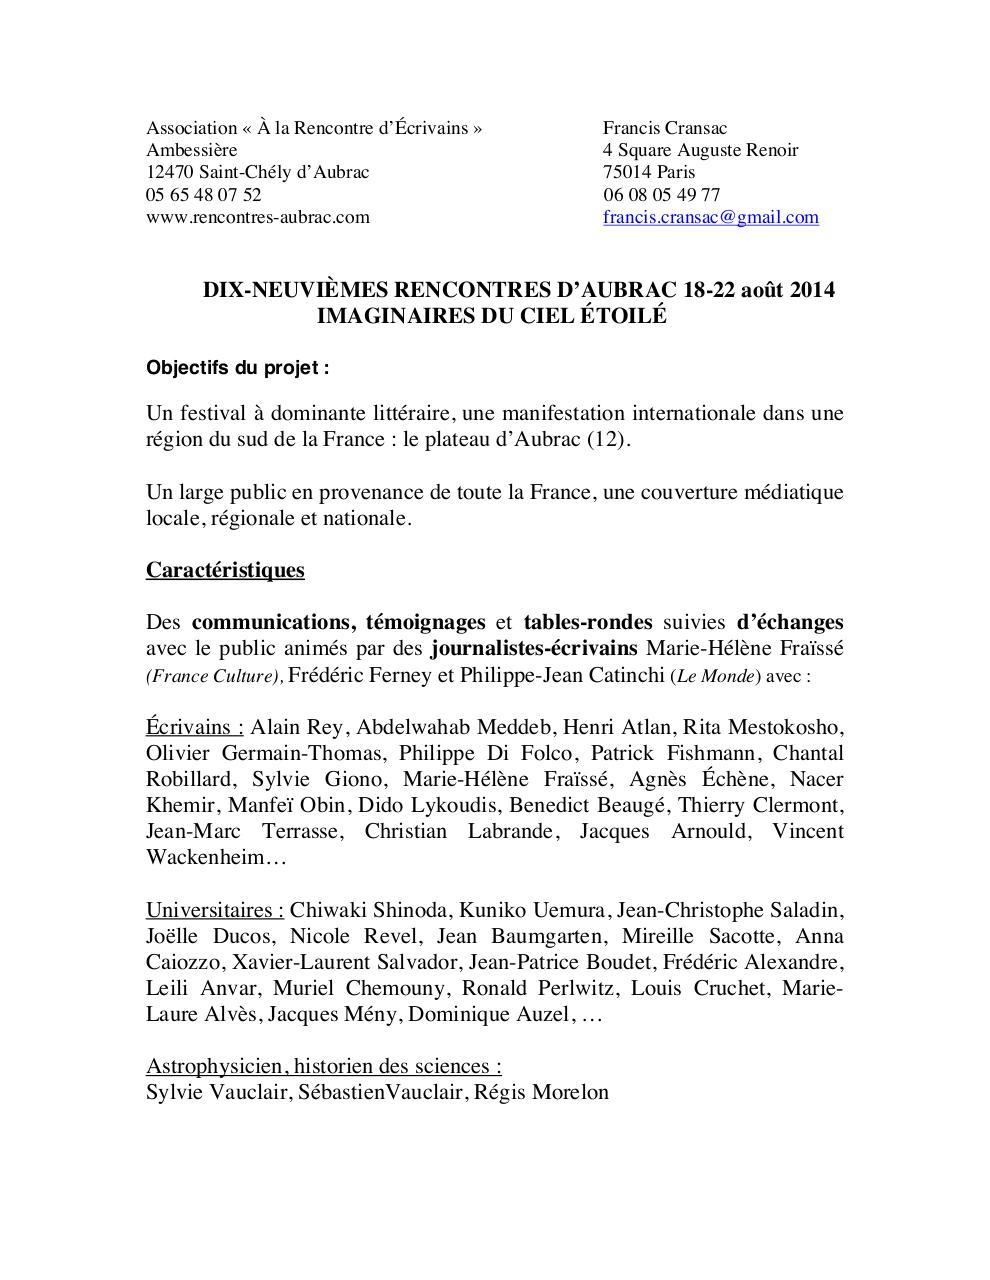 17e Rencontres d'Aubrac : programme